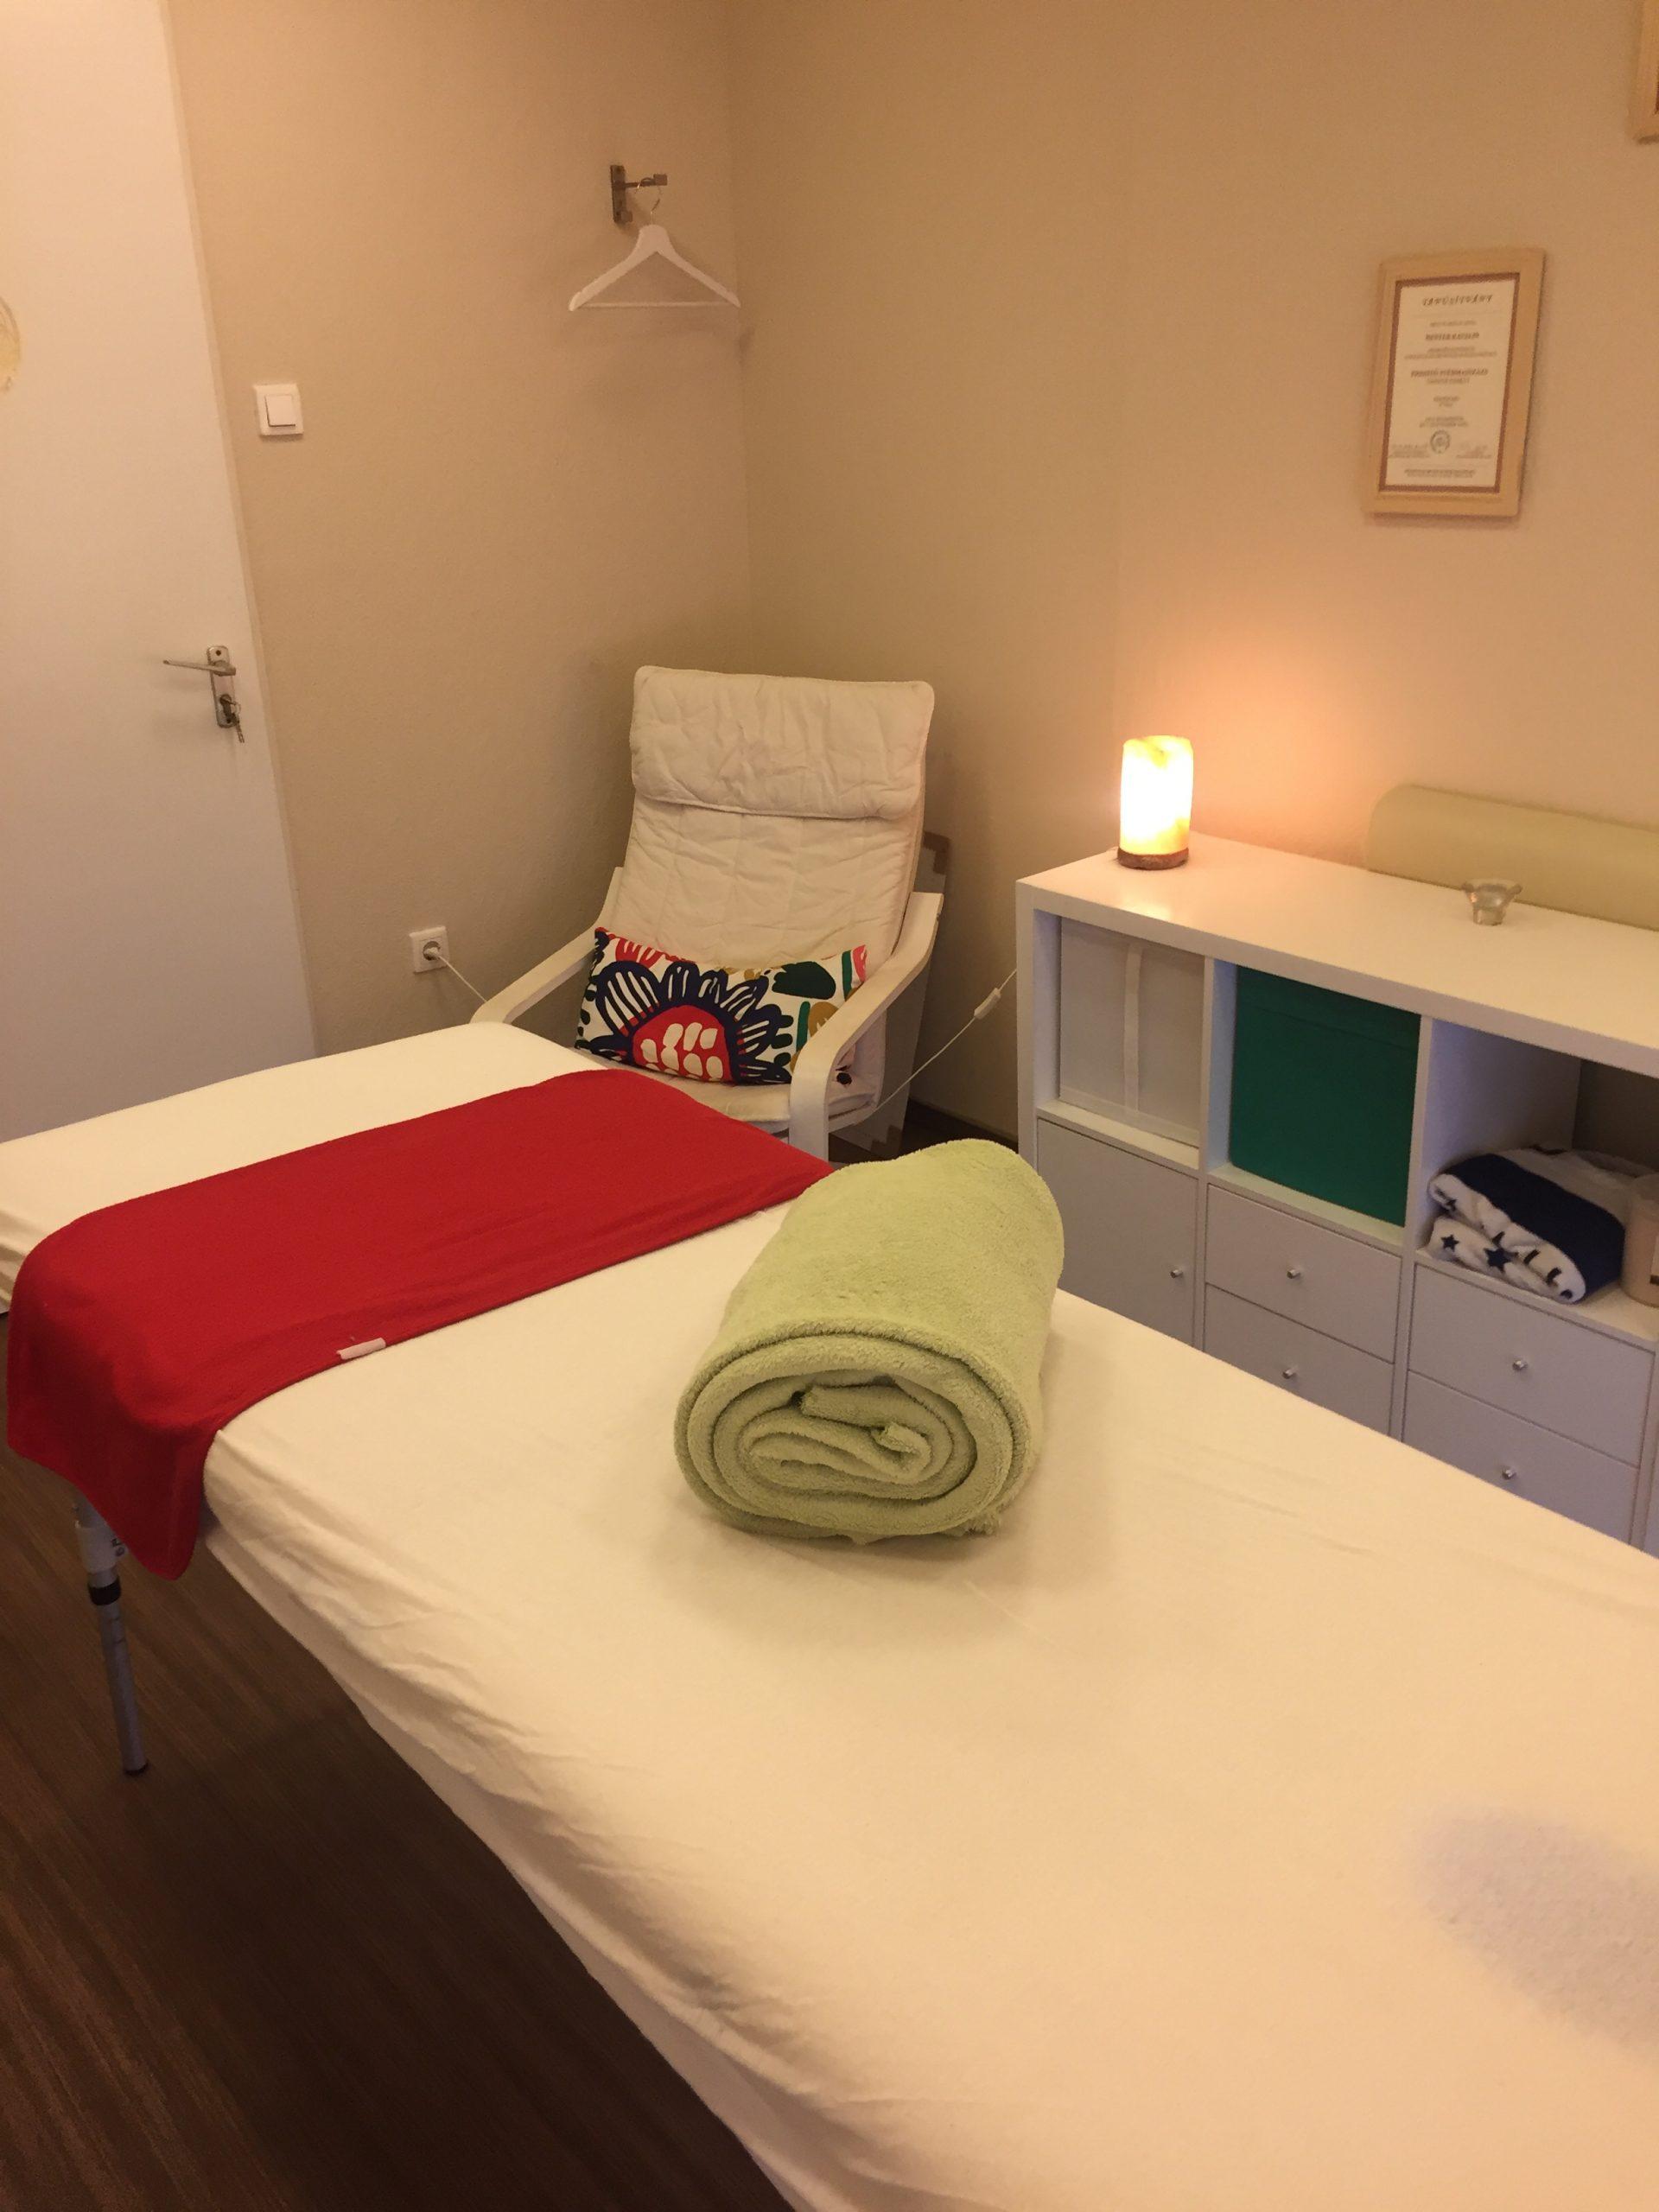 Therapy Massage Jászai Mari tér Evminov masszázs ágy